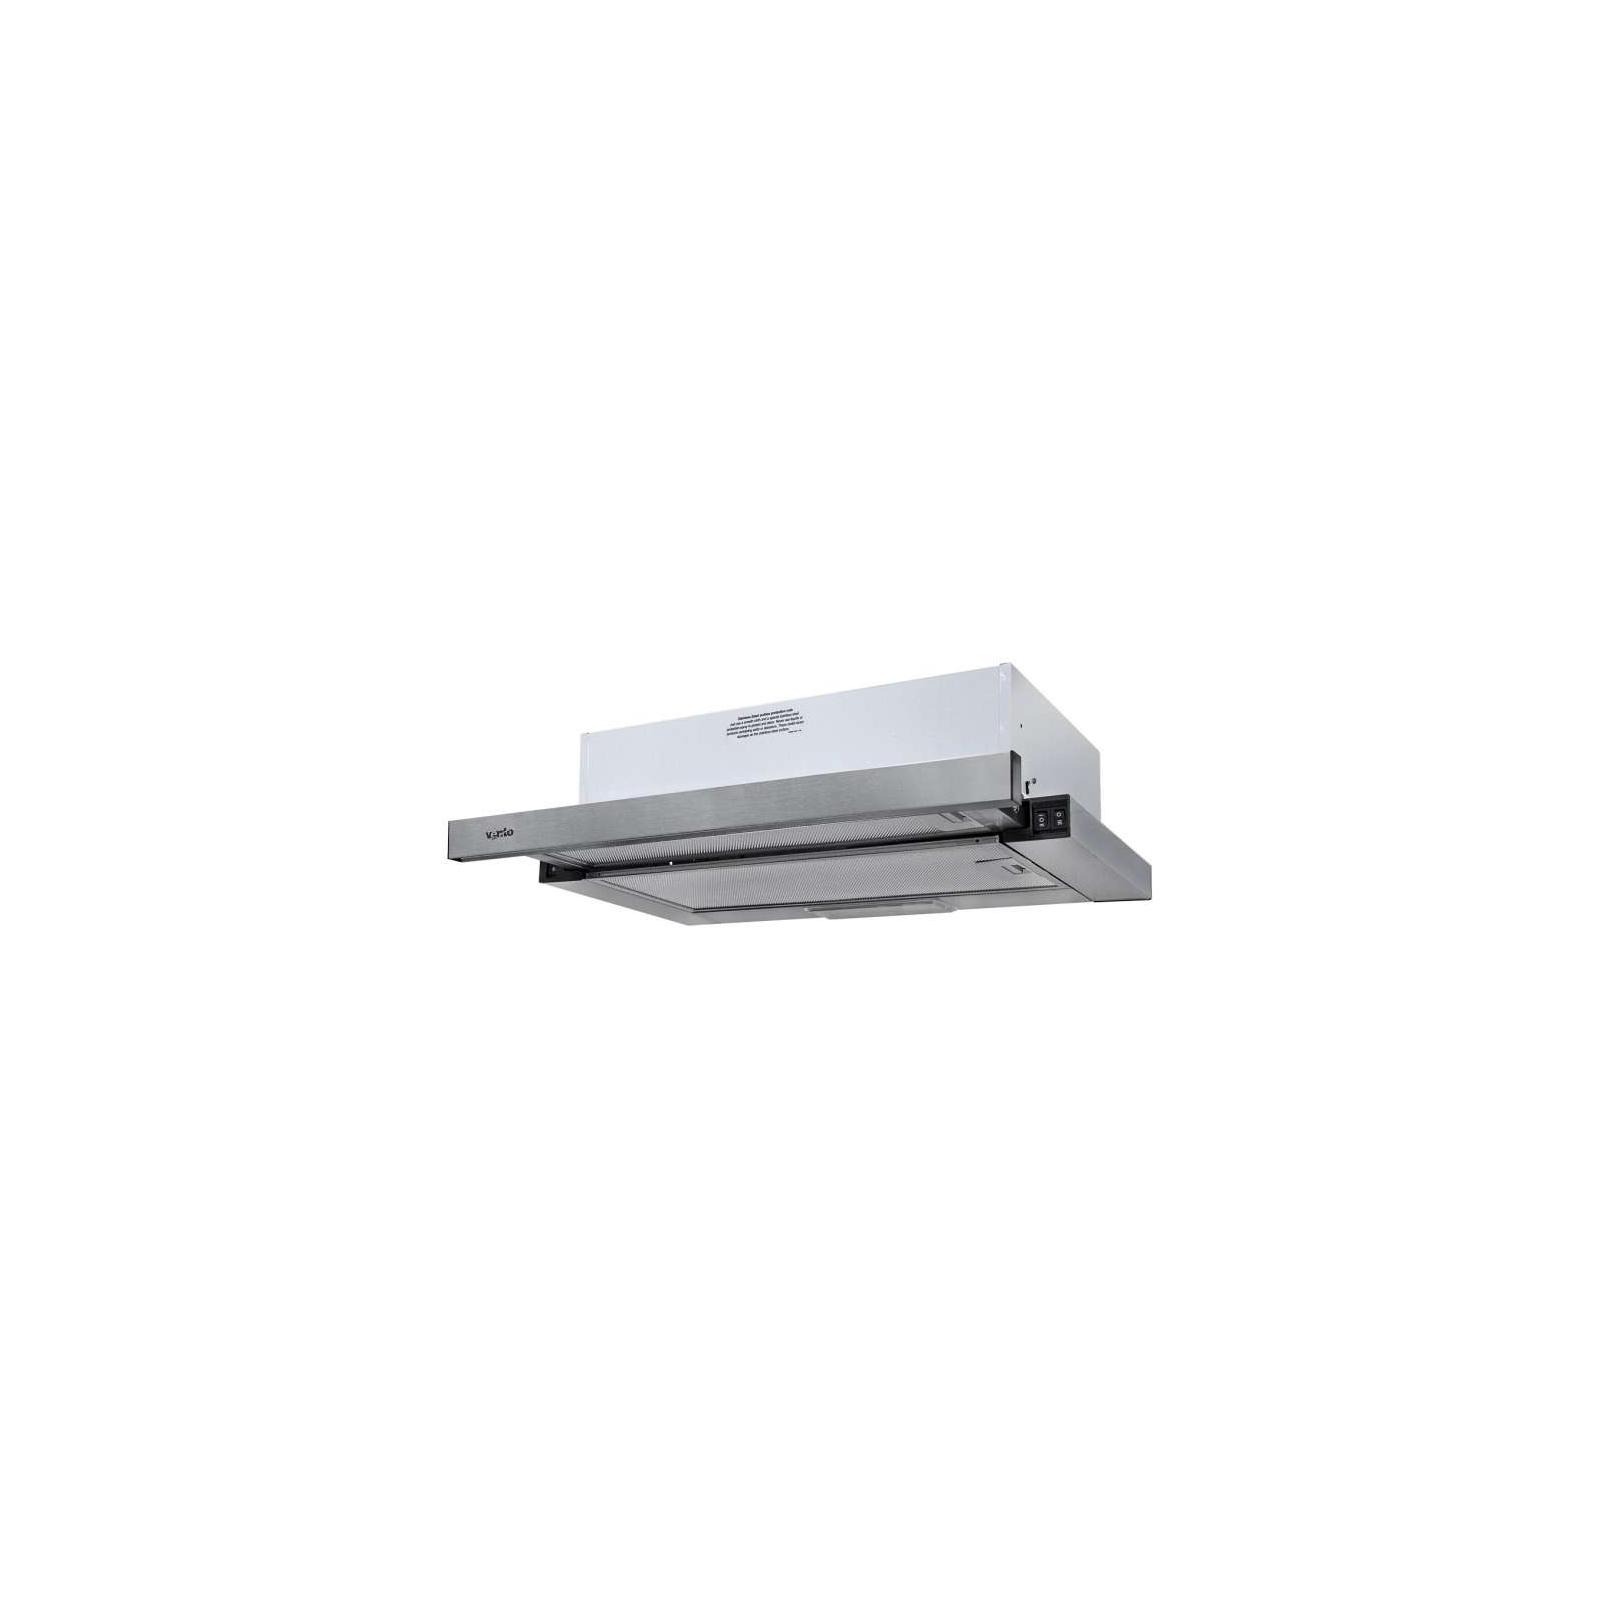 Вытяжка кухонная Ventolux GARDA 50 WH (700) SLIM изображение 2